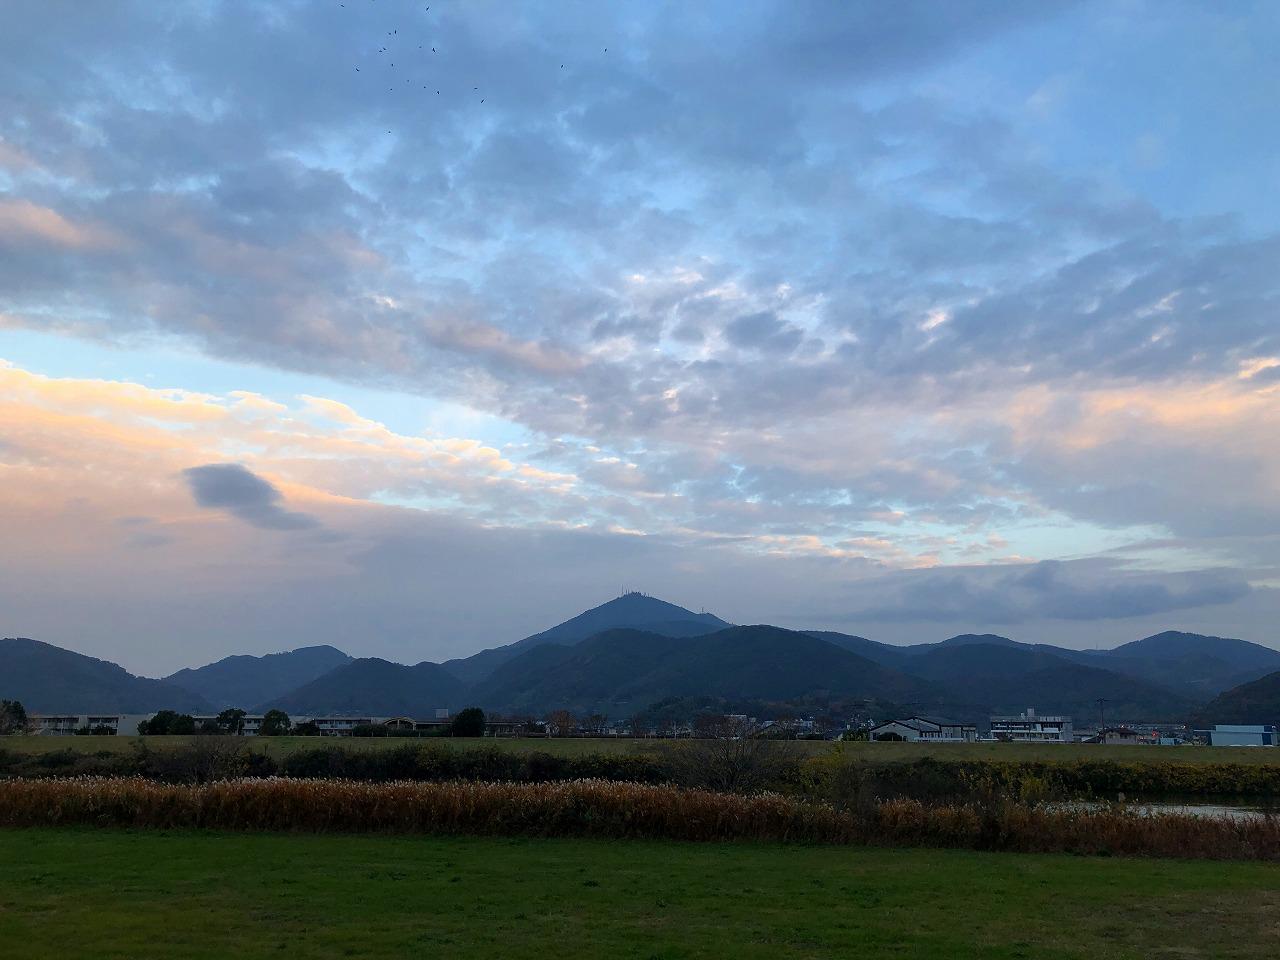 2018.12.5今朝の金峰山です。